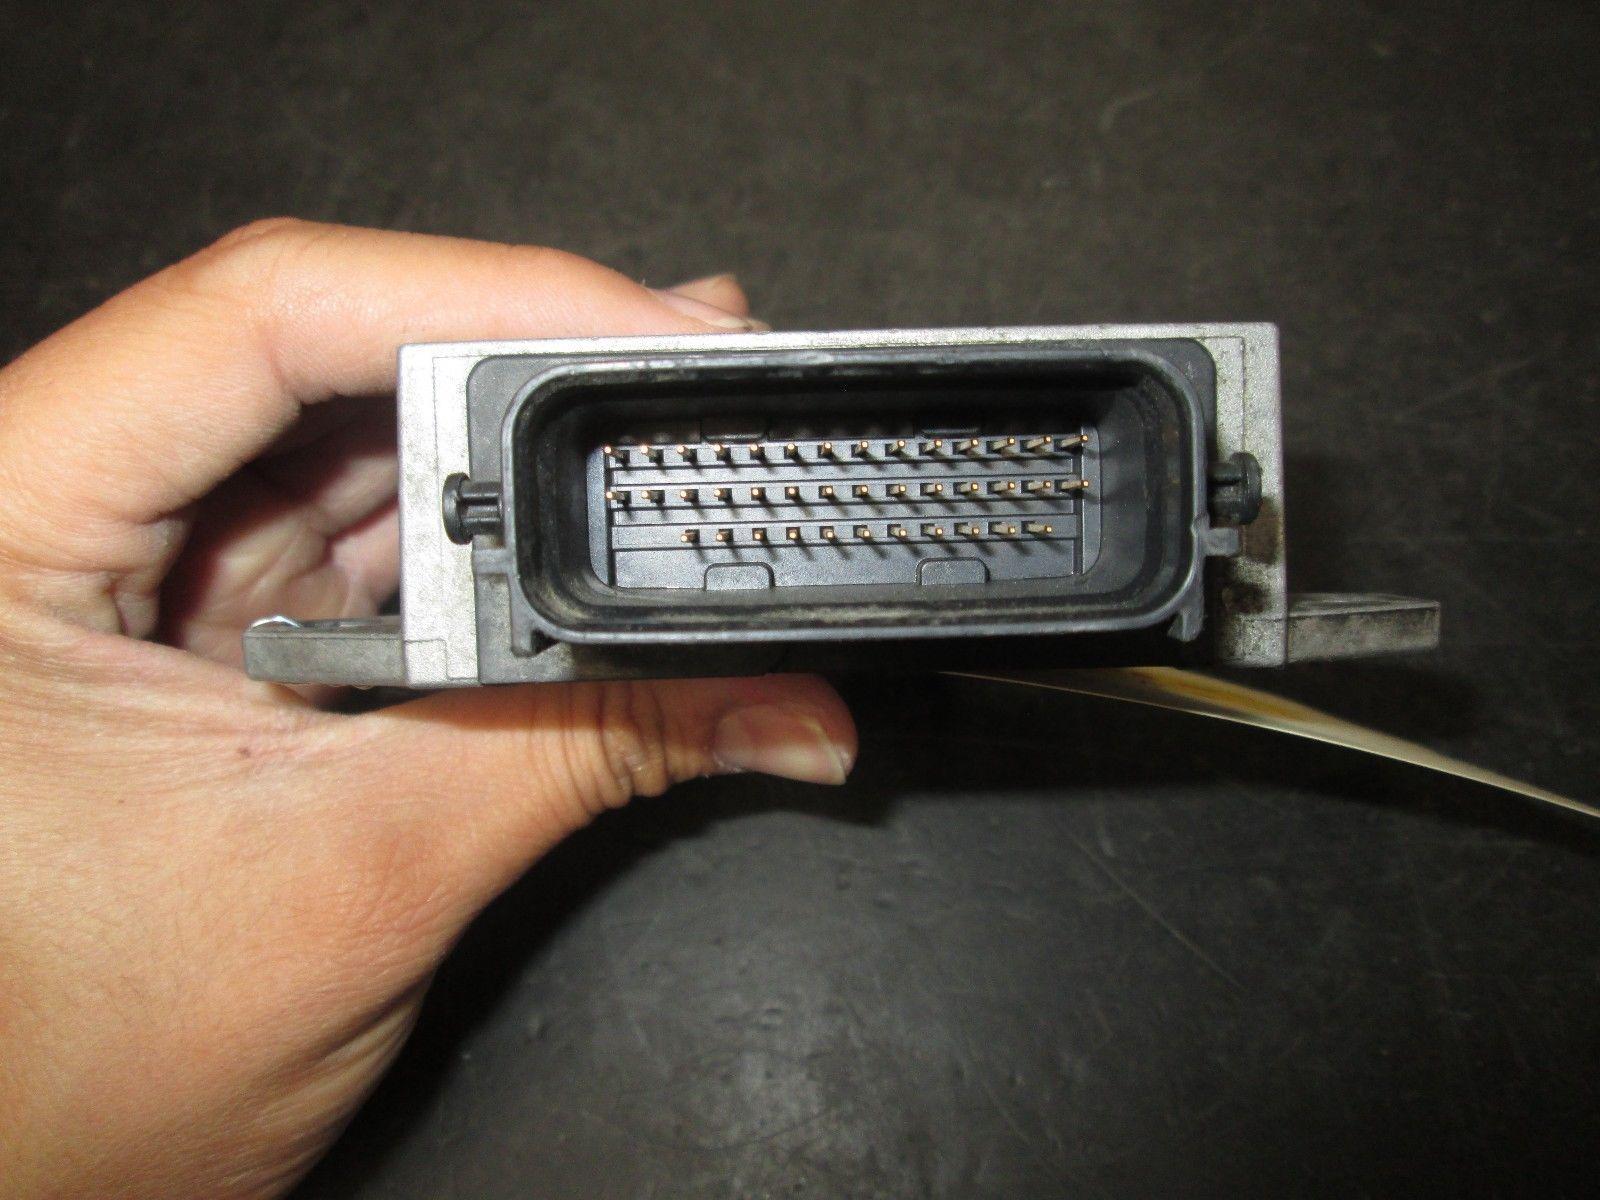 06 MAZDA 3 2.3L TCM,TCU #L32E189E1C *See item*